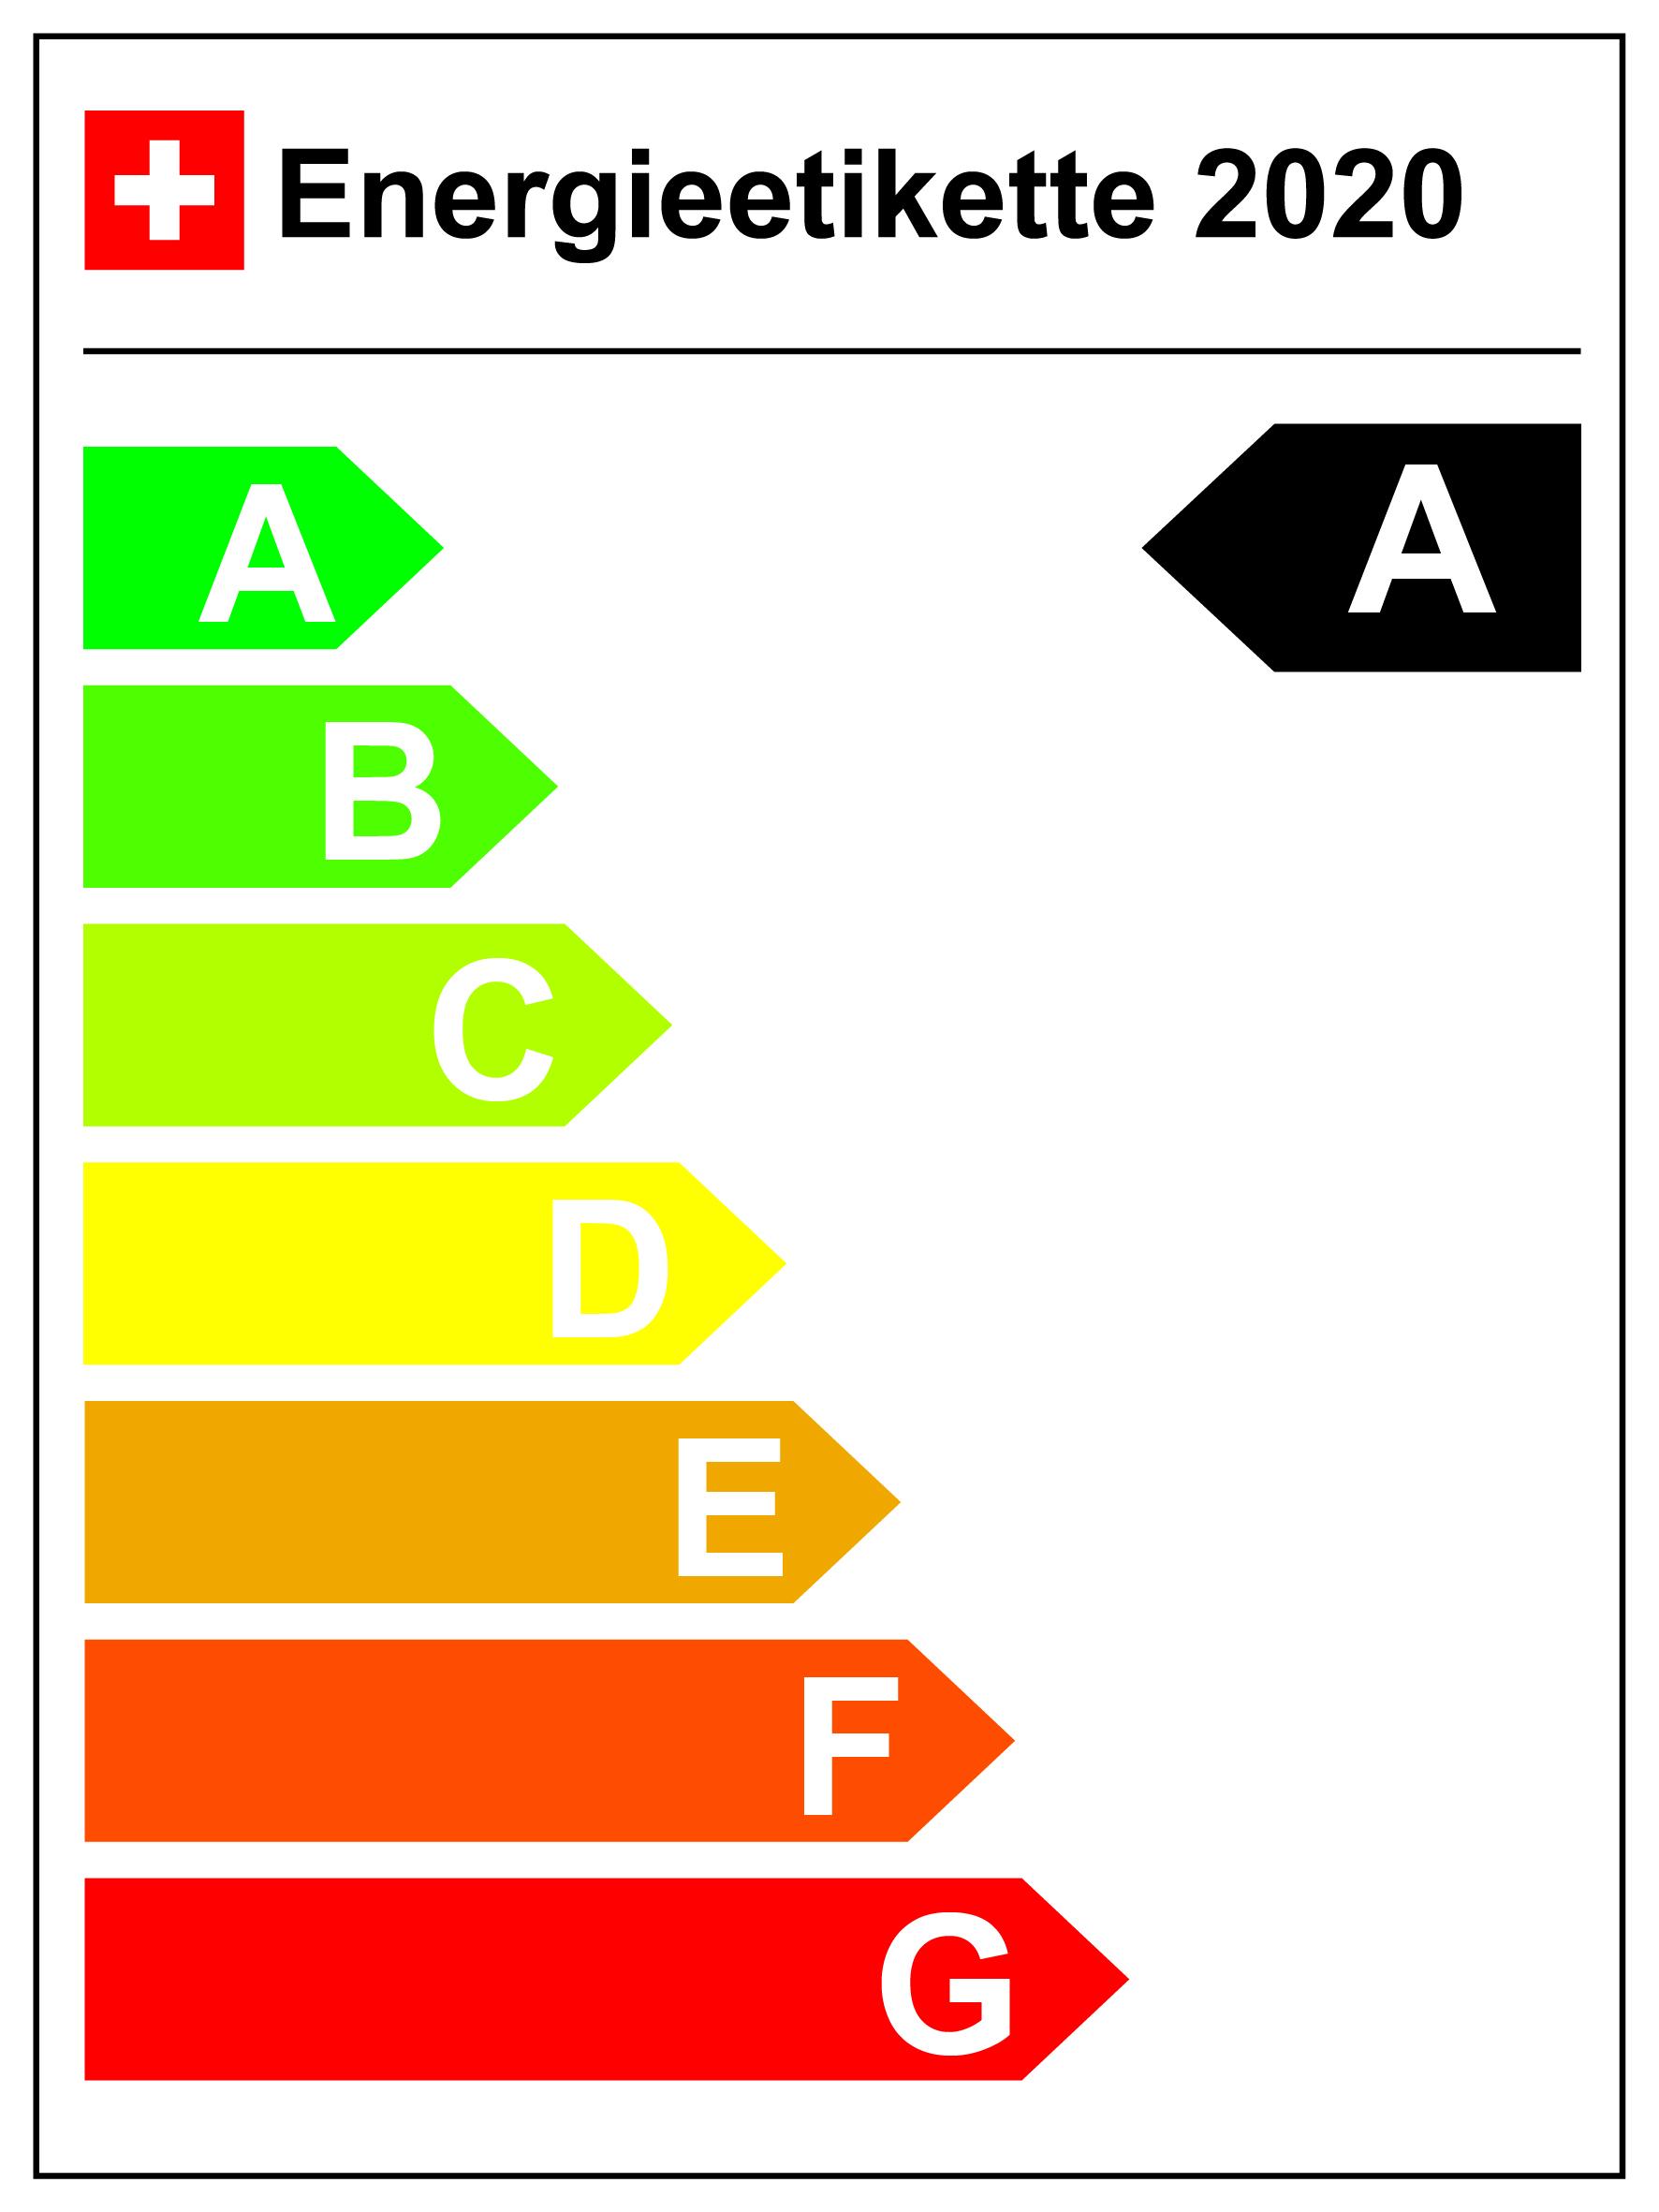 Anpassung der Energieetikette für Neuwagen ab 1. Januar 2020